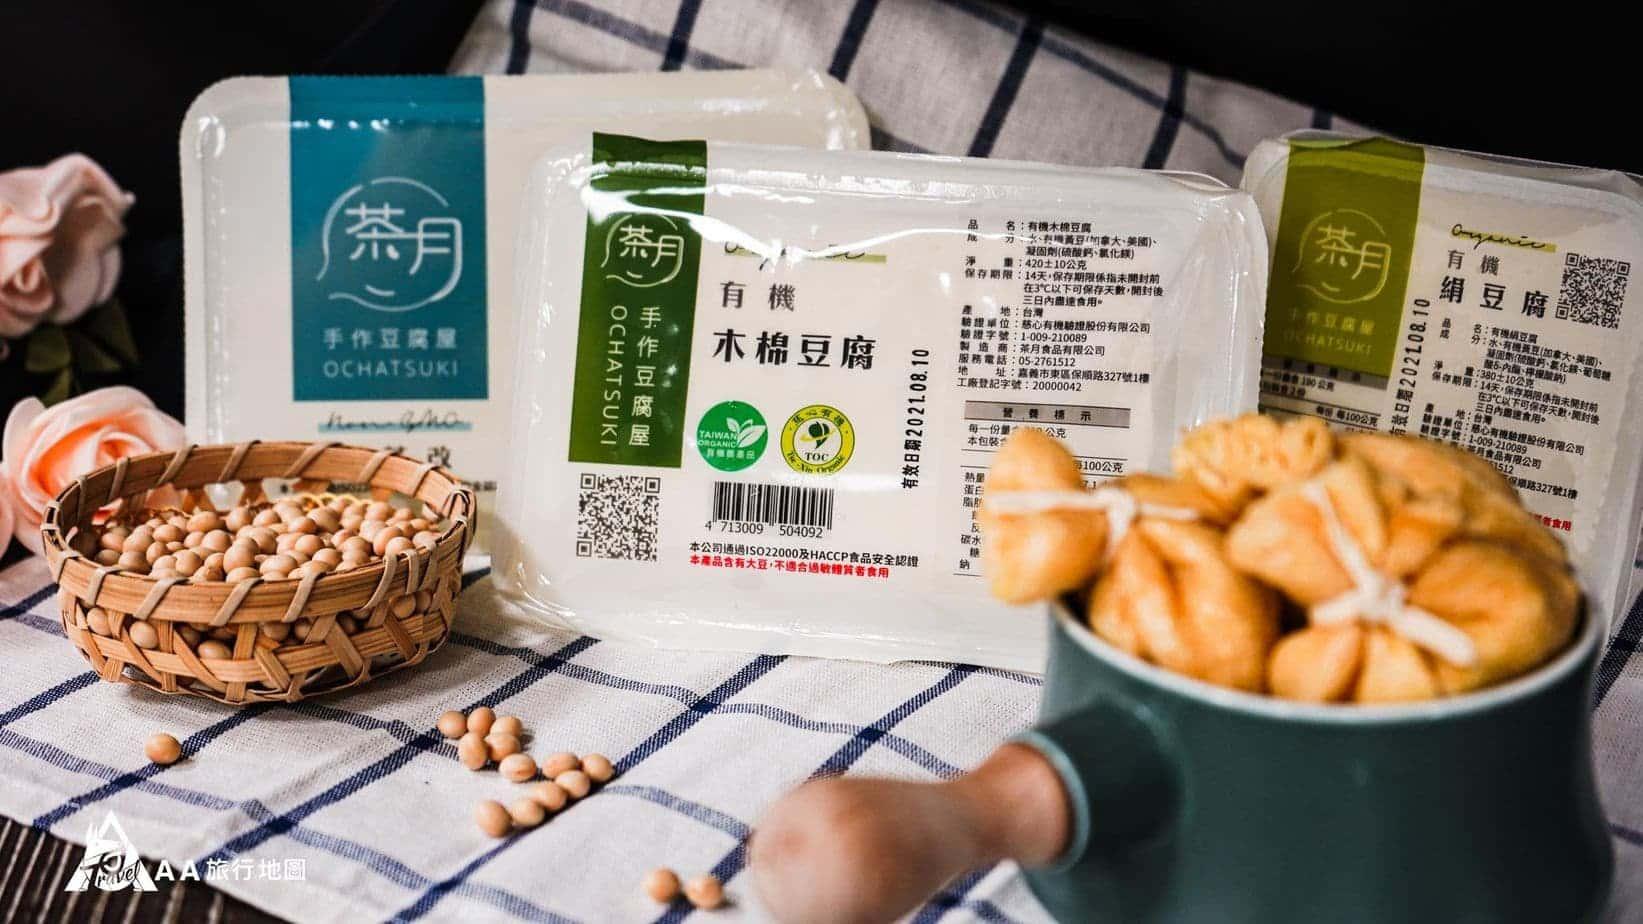 茶月 木棉豆腐 絹豆腐 油豆腐 凍豆腐 山藥豆腐丸 豆皮